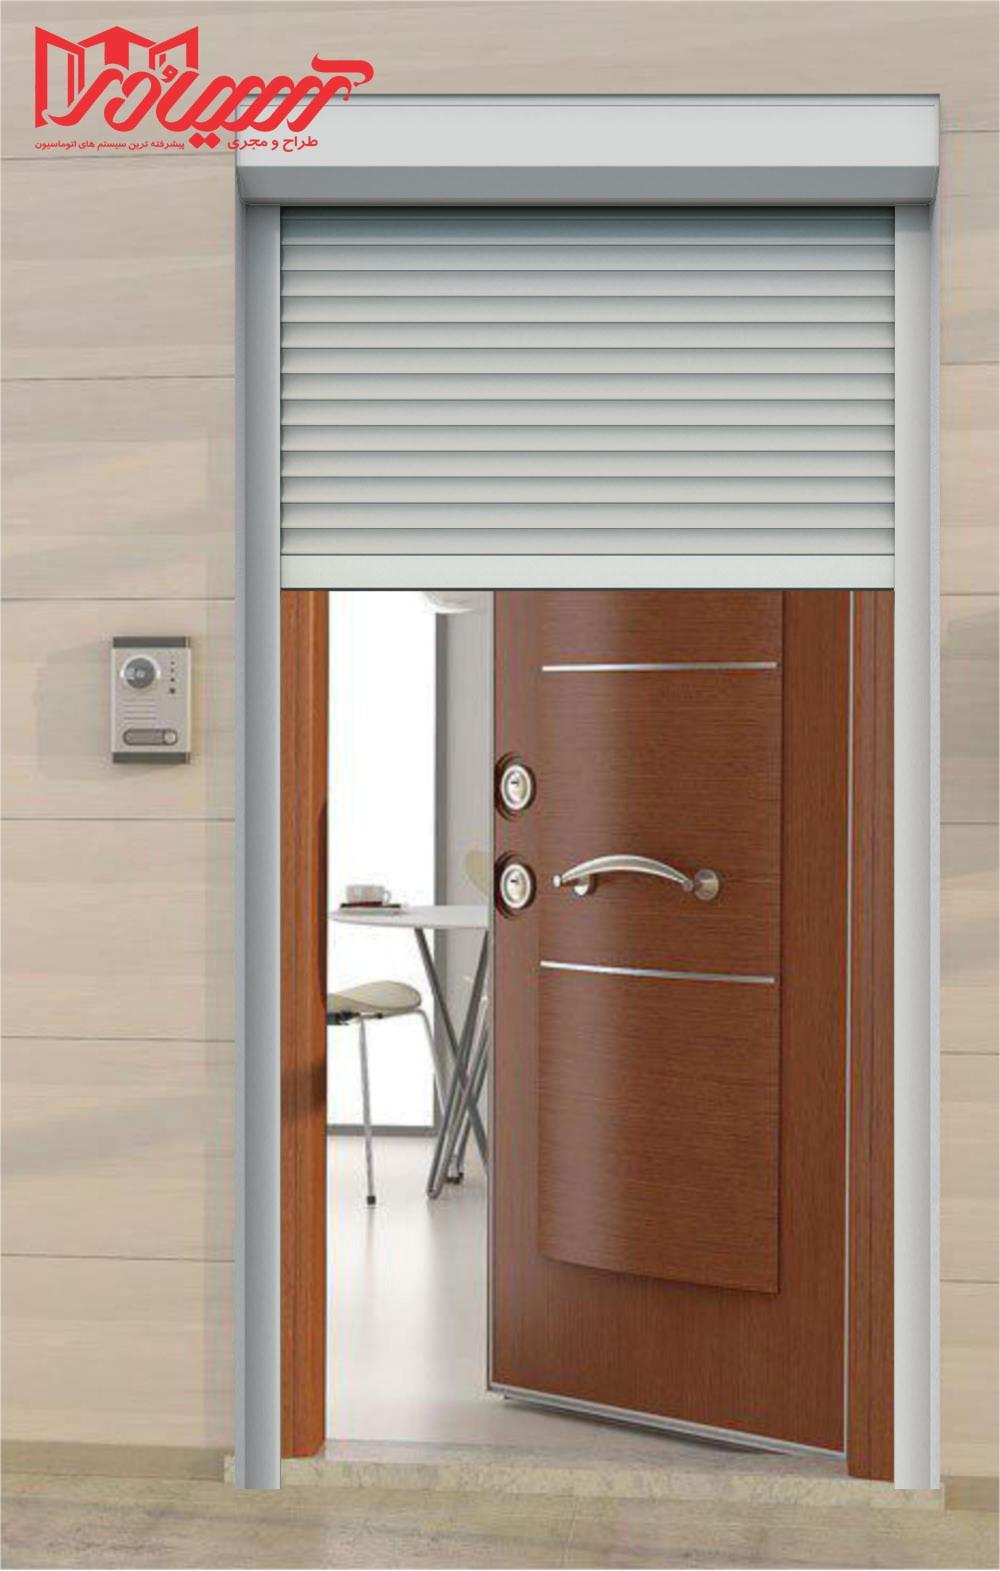 کرکره برقی درب ضد سرقت